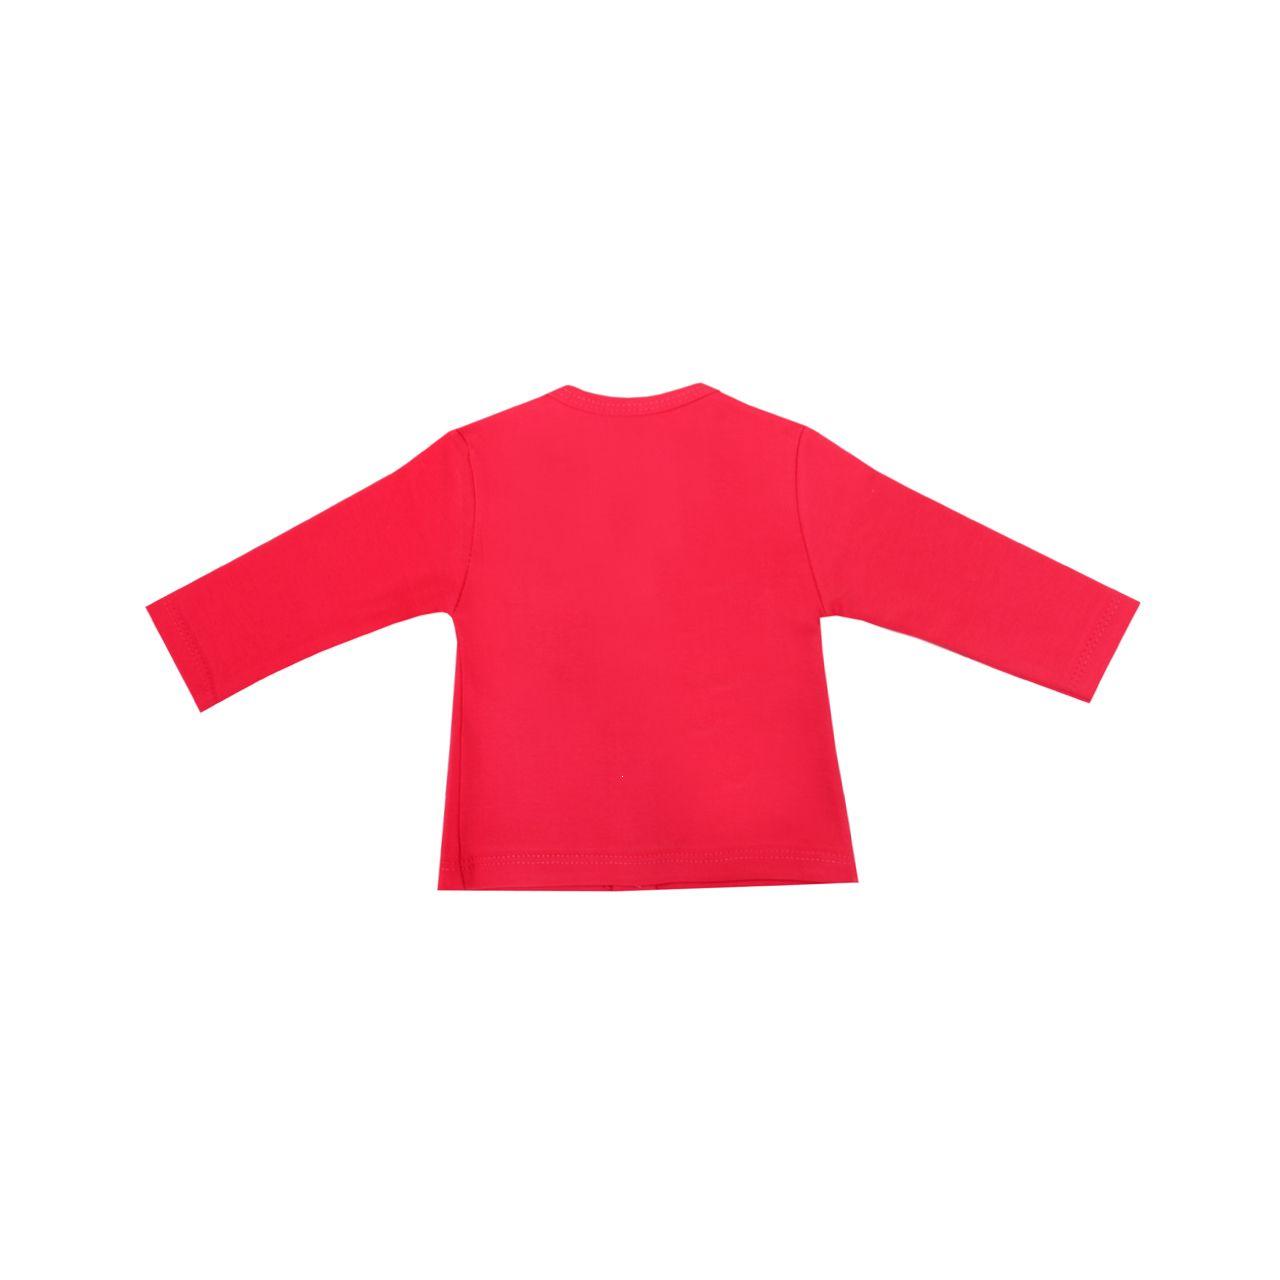 ست 3 تکه لباس نوزادی بی بی وان مدل لاک پشت کد 504 -  - 6